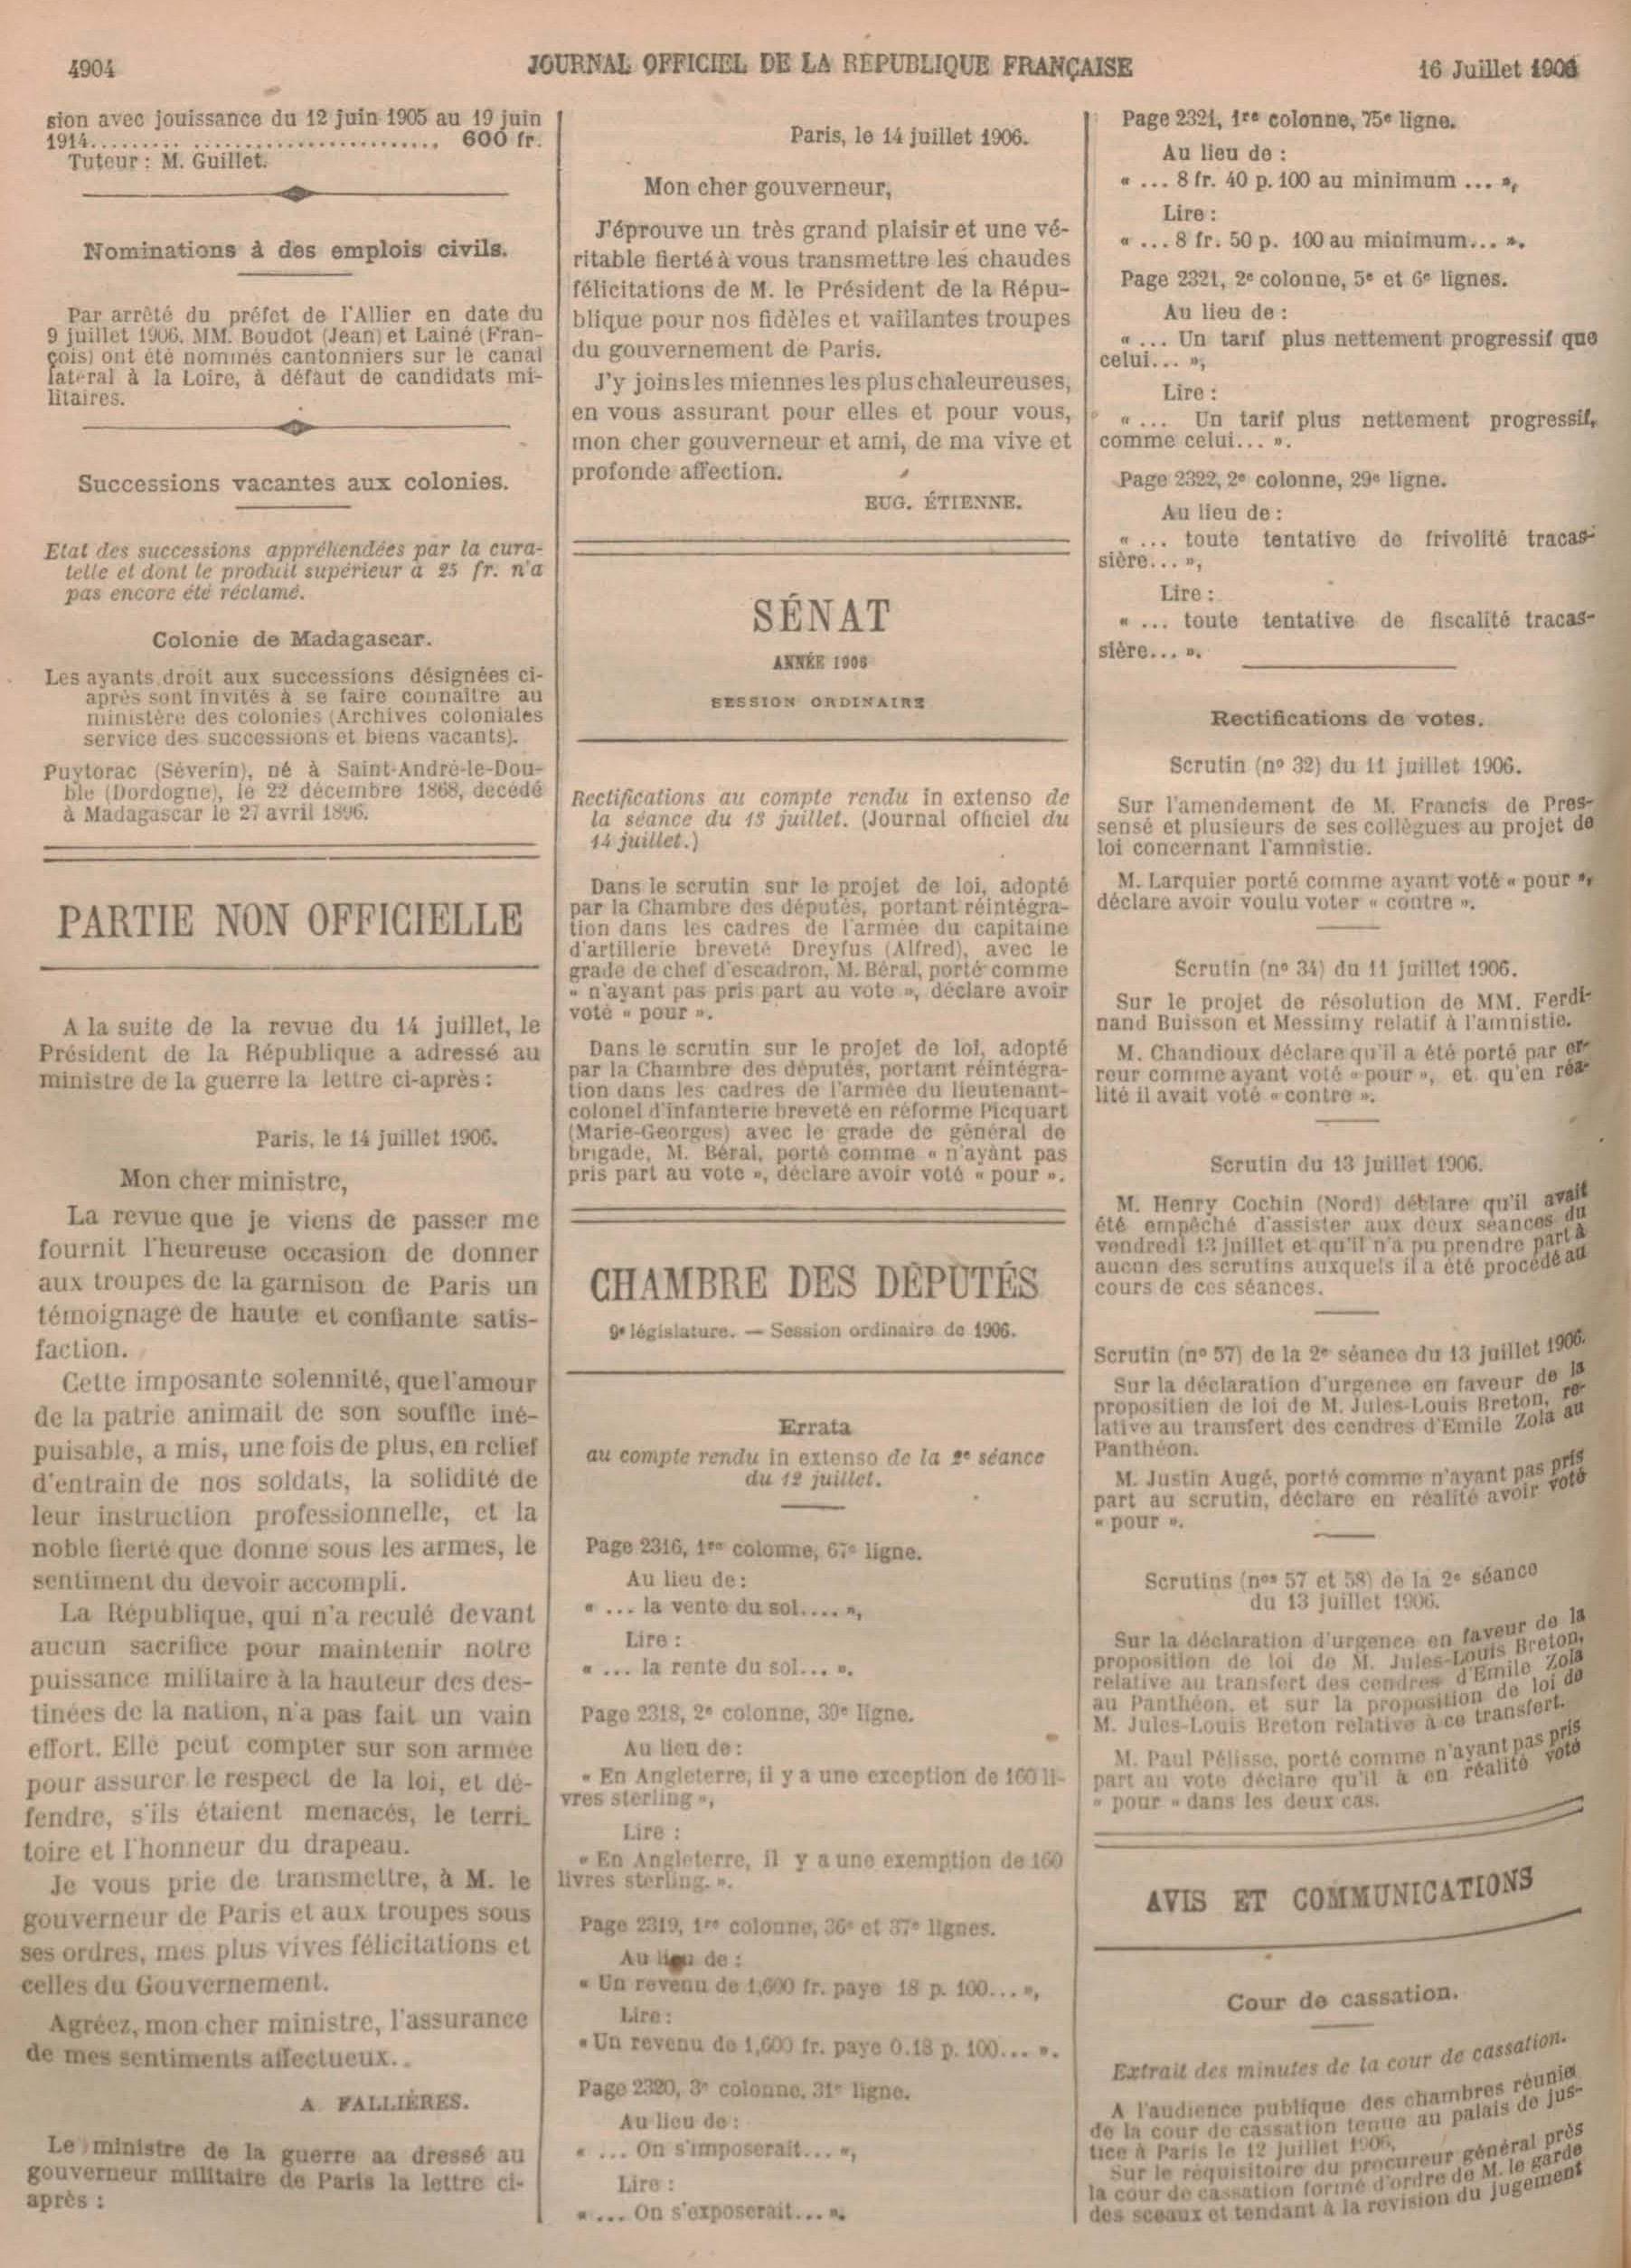 http://expo-paulviollet.univ-paris1.fr/wp-content/uploads/2017/09/Journal_officiel_de_la_République_minutes-cour-de-cass-12-juillet-1906_Page_1-1.jpg